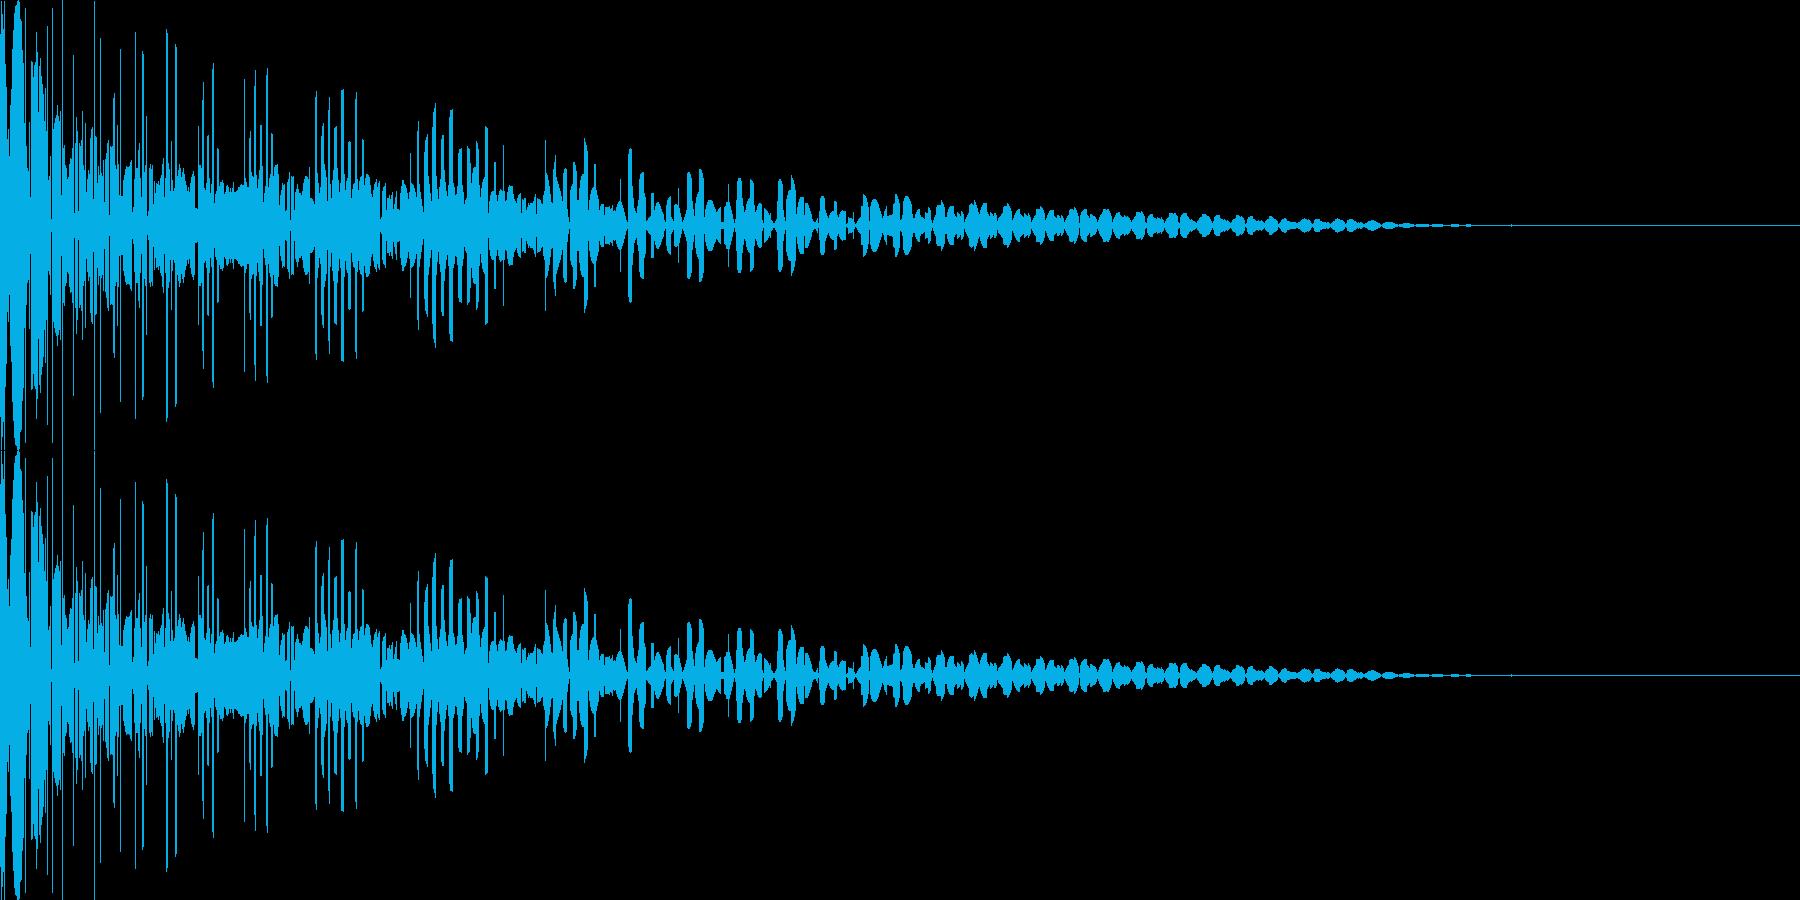 ドゥーン 8ビット 効果音の再生済みの波形